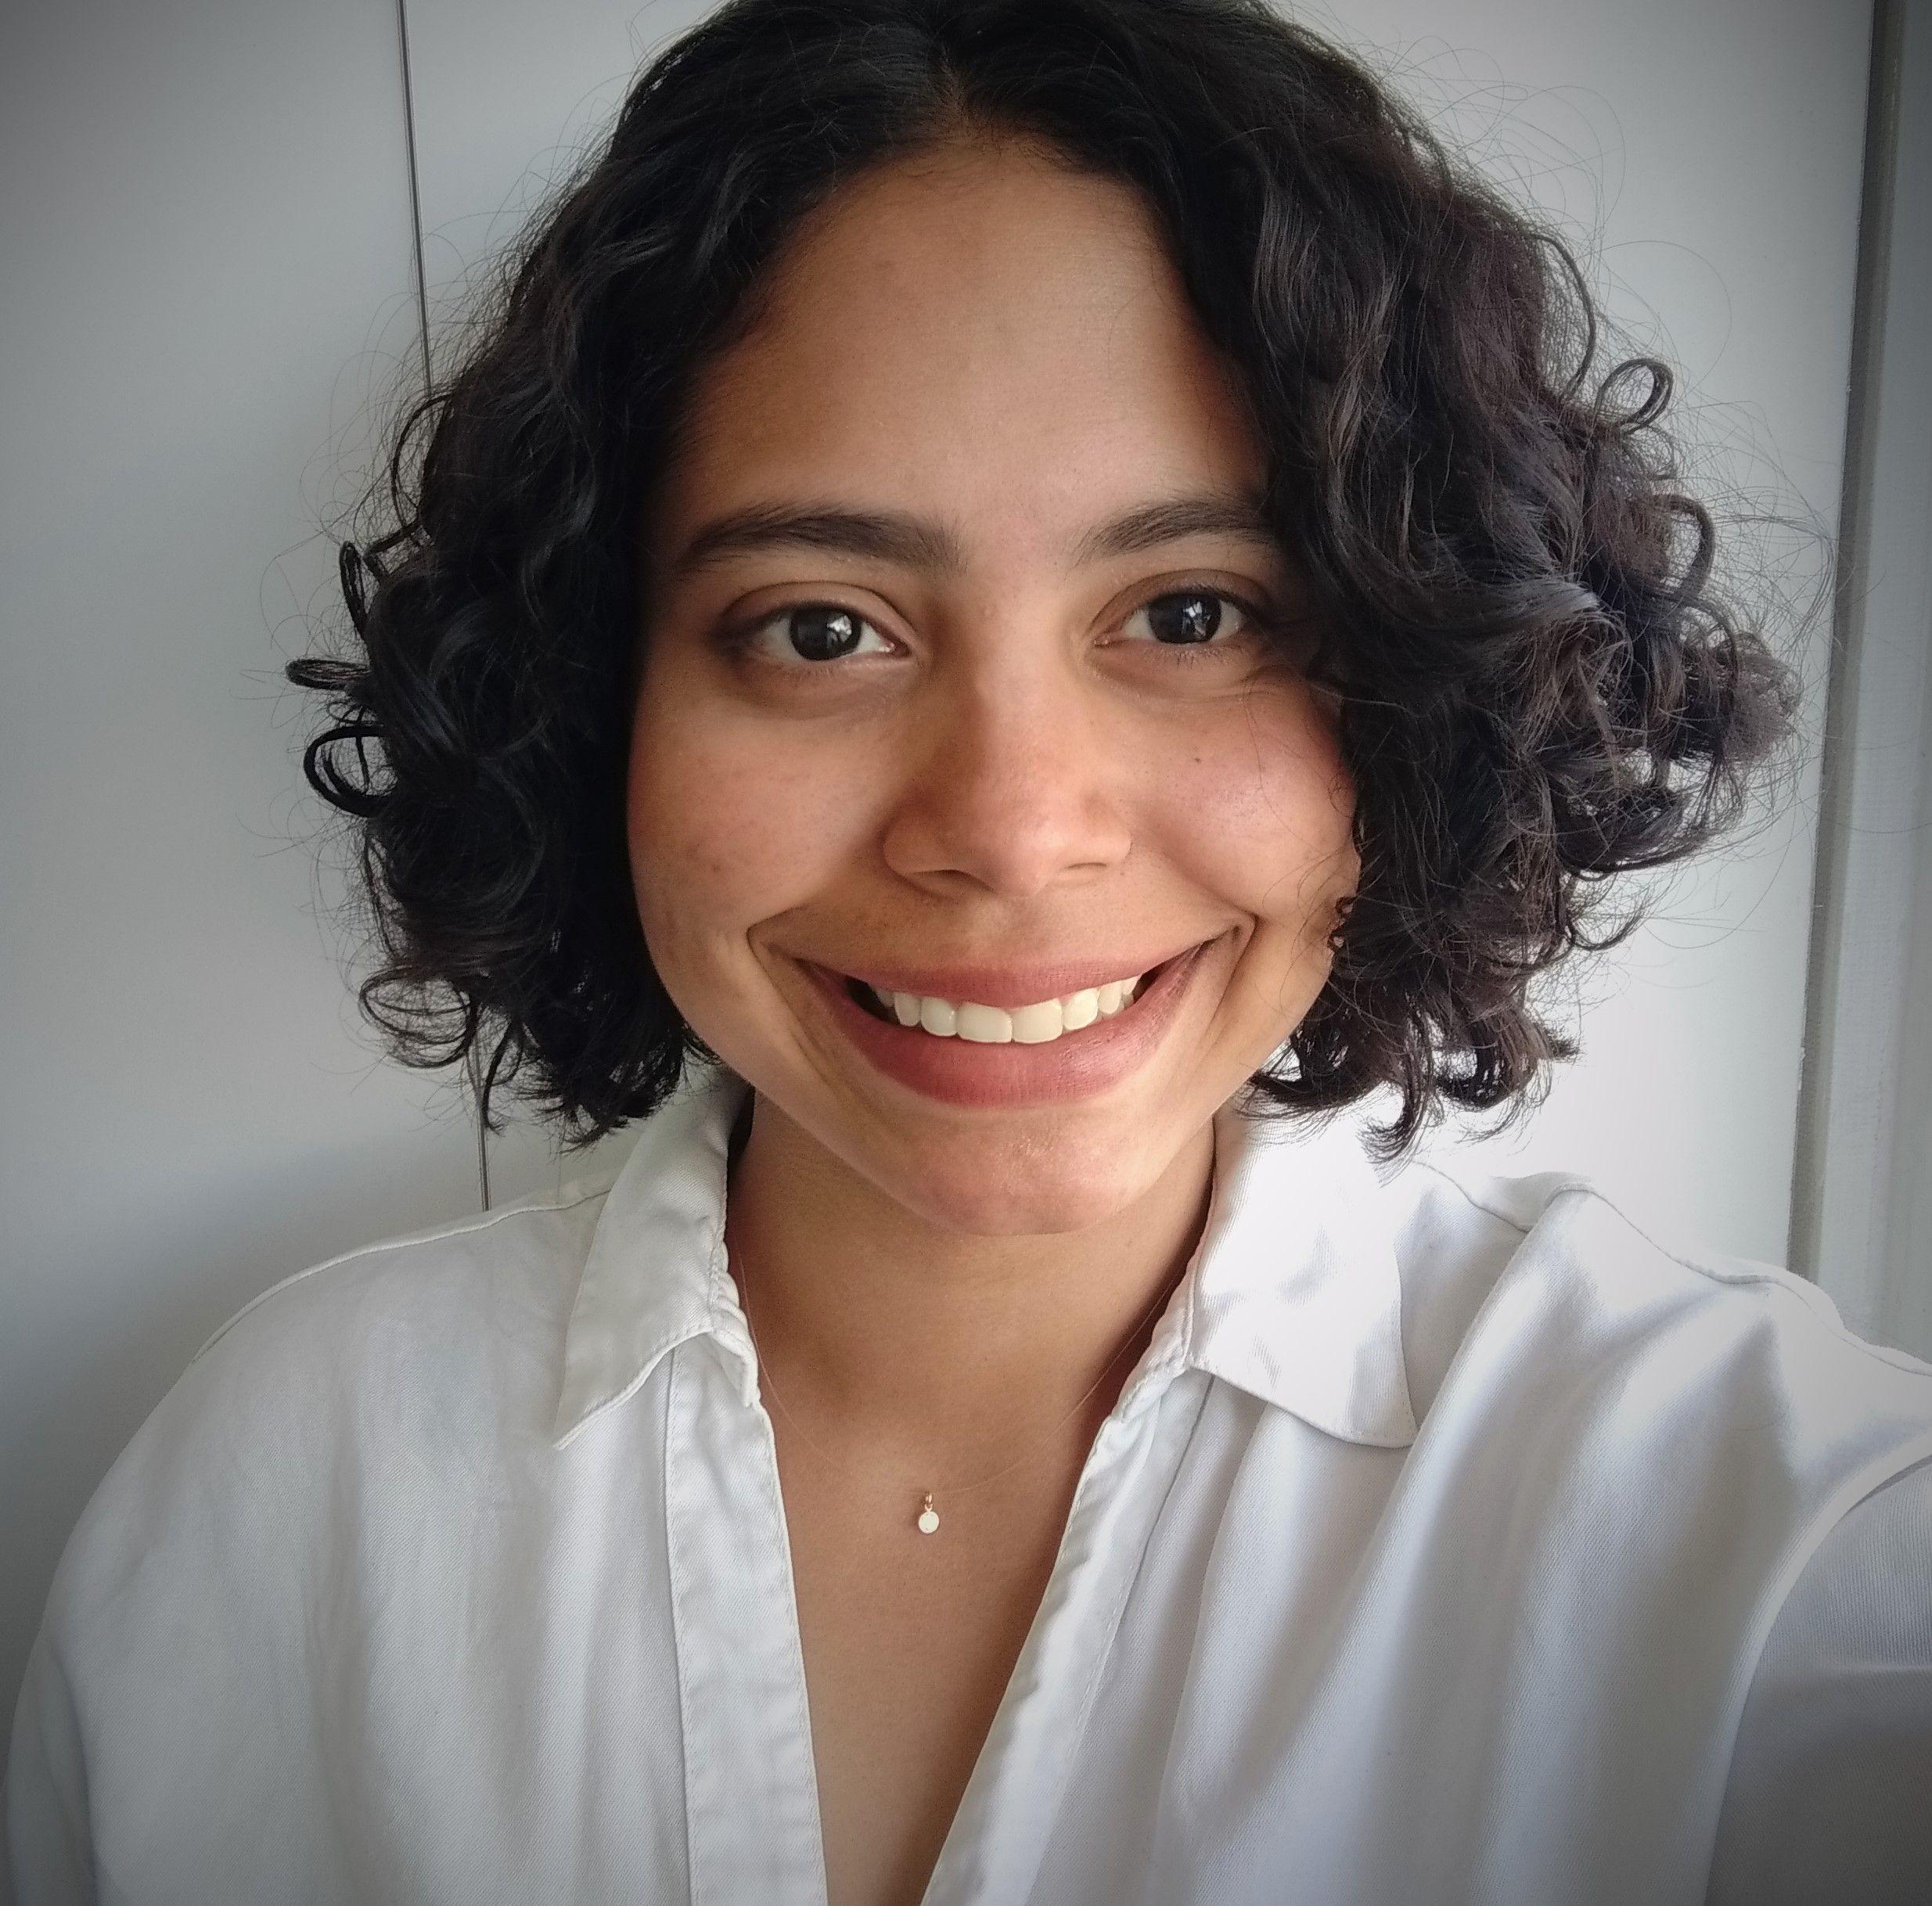 Testimonio de María Gabriela Borges